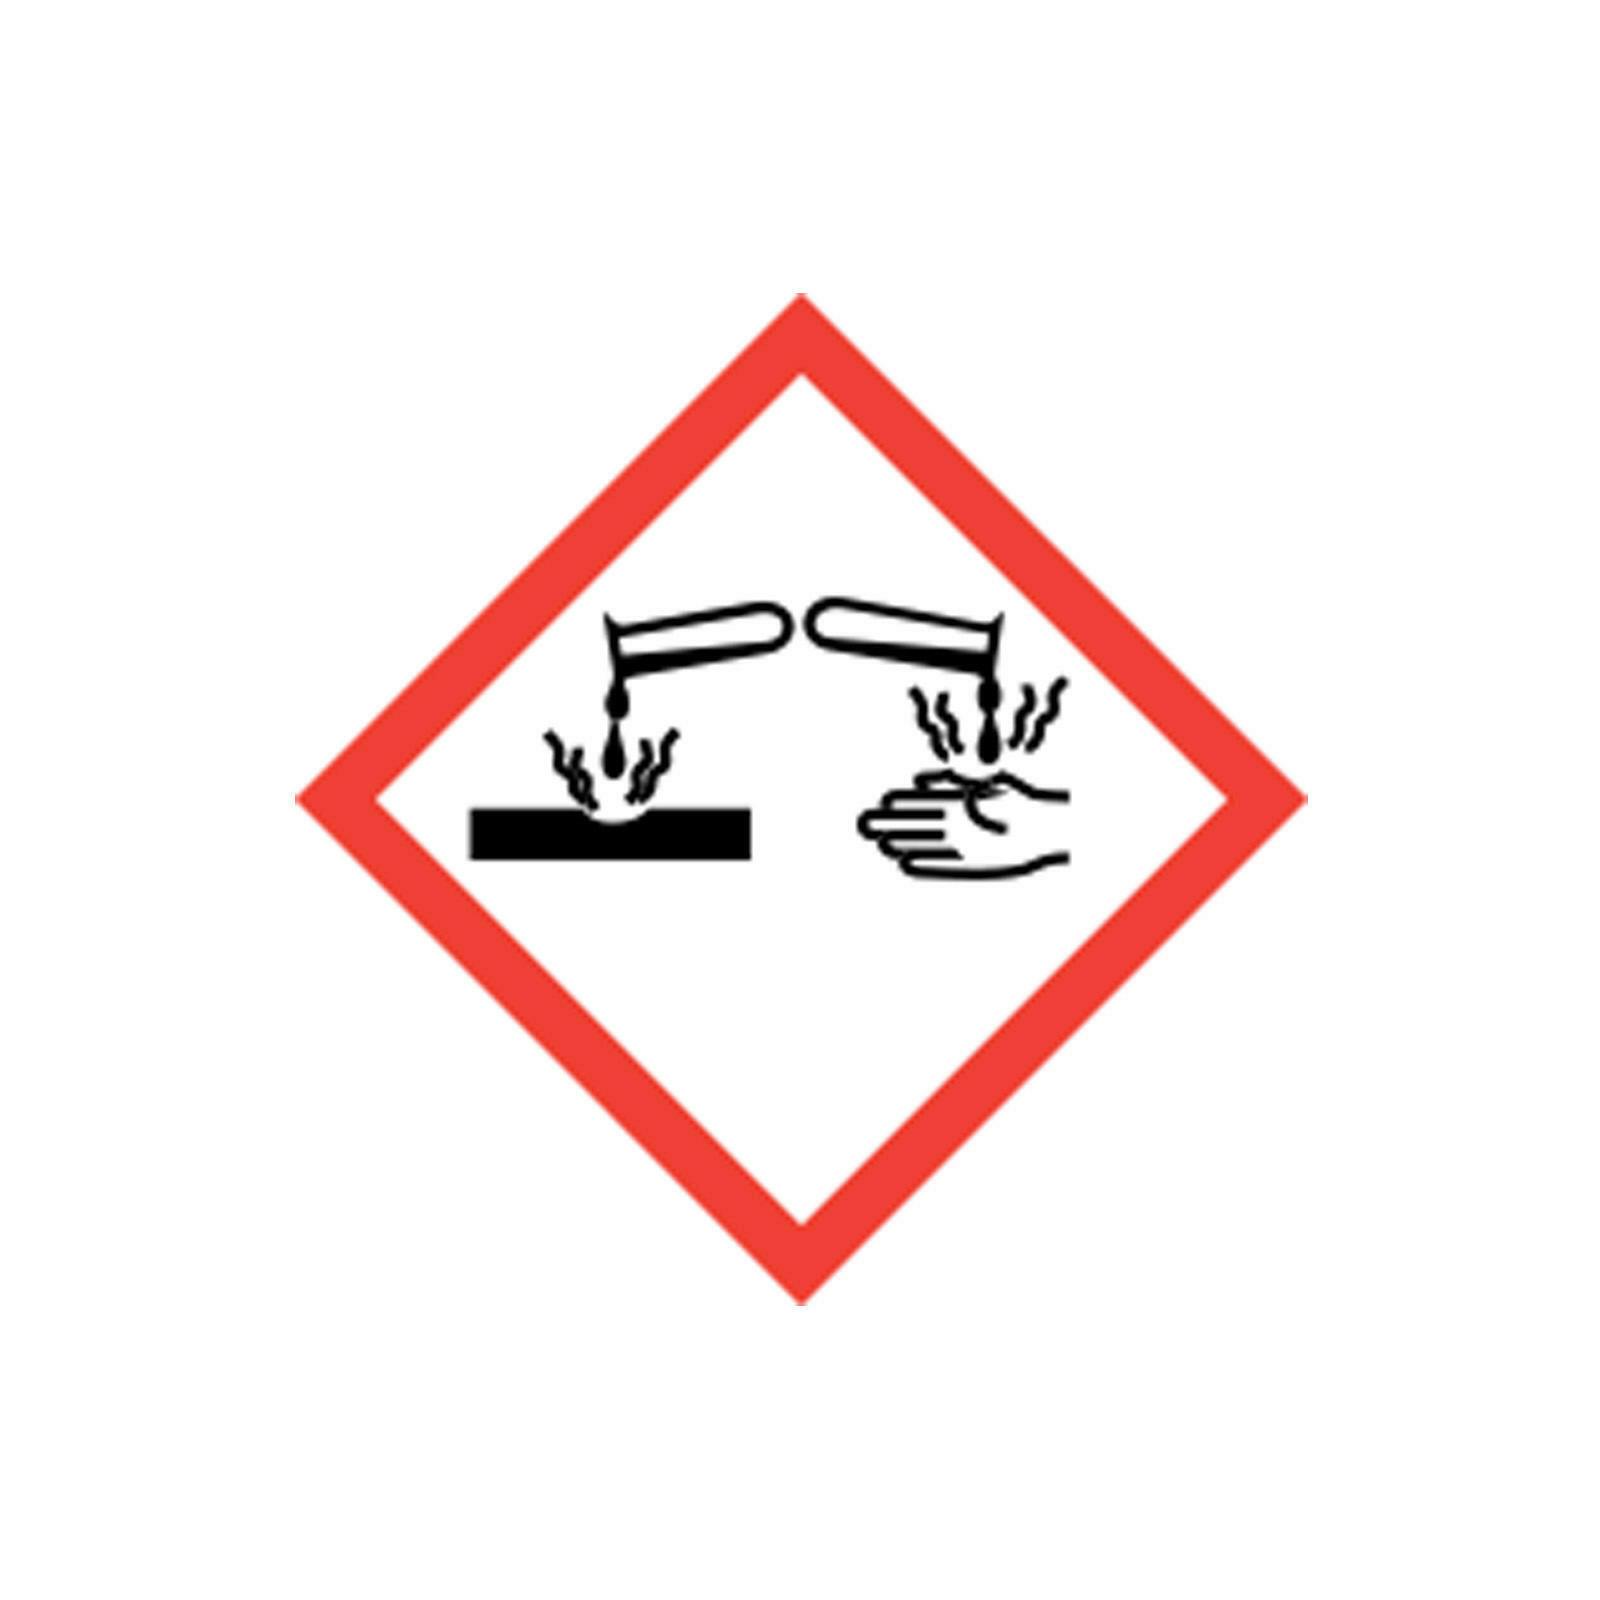 Mannol Gasket Maker Black 85g Dichtungsmittel für Öl & Getriebeölwannen